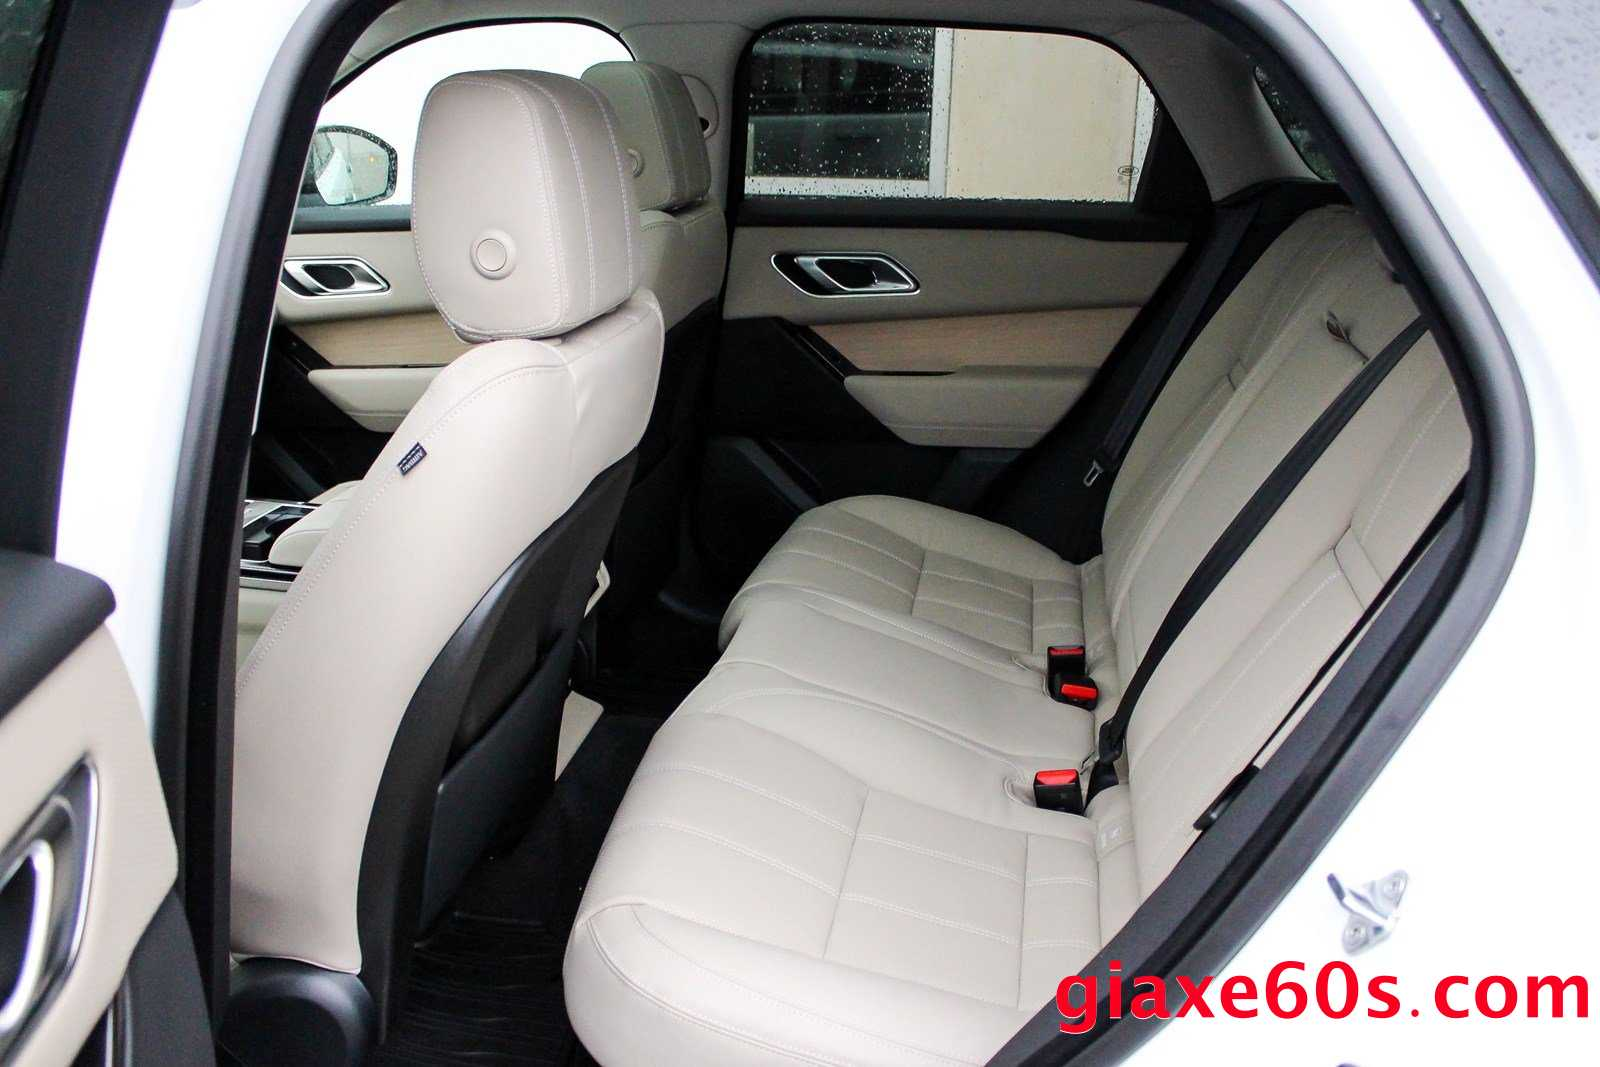 Range Rover Velar 2.0 Phiên Bản Rẻ Nhất Bao Nhiêu Tiền, Xe Velar Có Mấy Dòng, Giữa Bản S, R-Dynamic SE, Và SE khác nhau gì, Bản thấp nhất tiêu chuẩn có option gì, và thiếu gì,